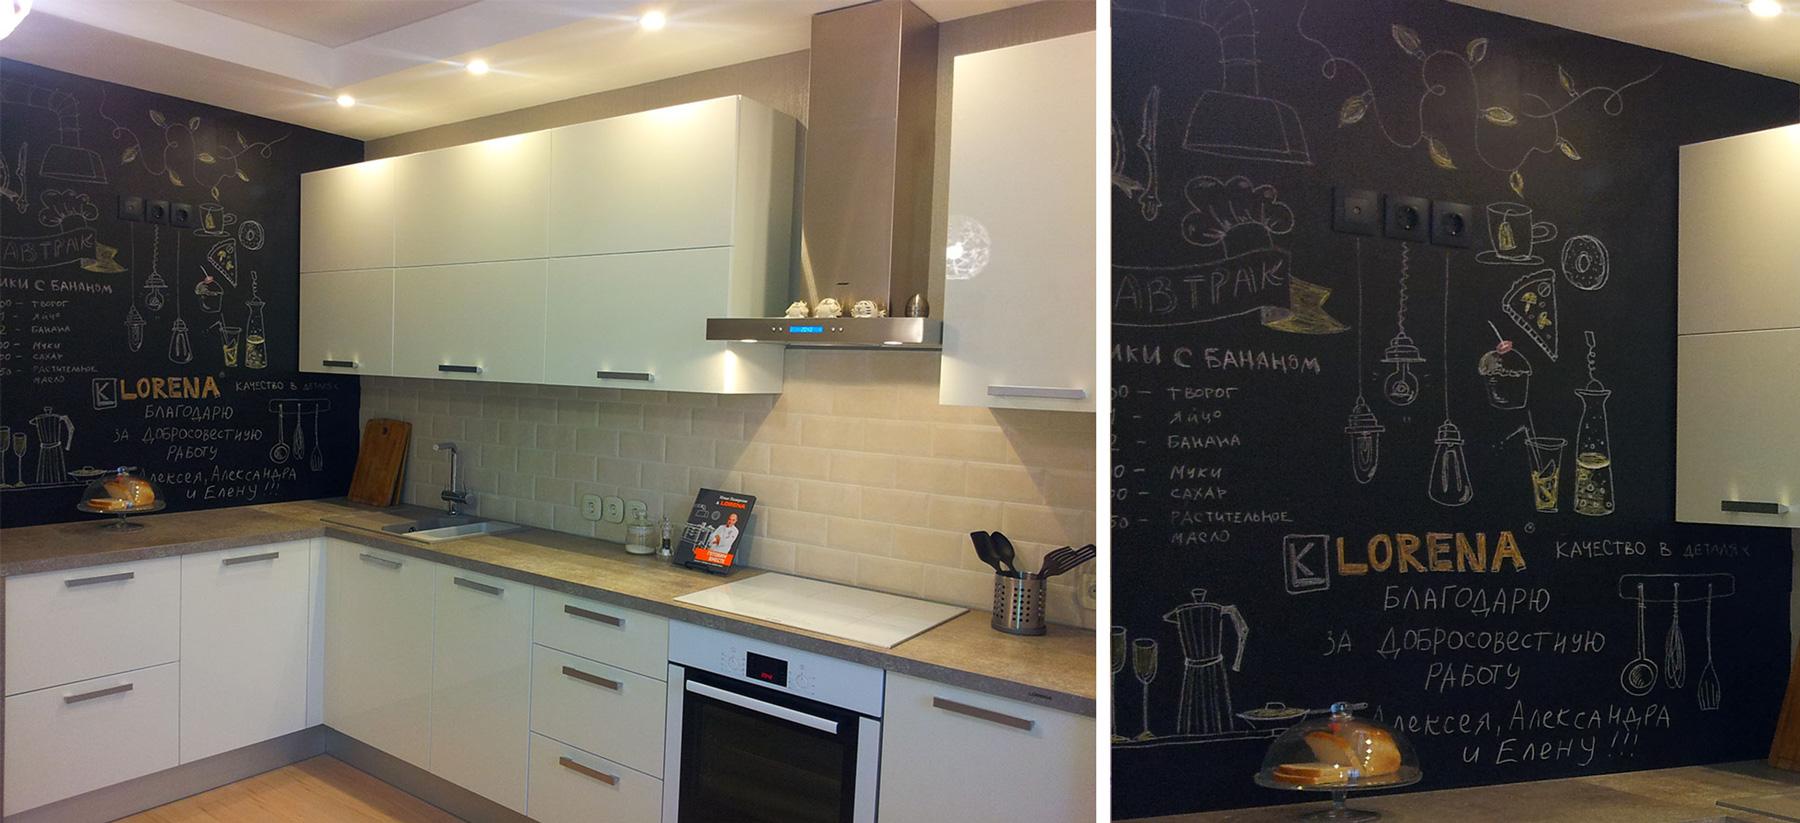 отзывы о компании Lorena кухни лорена кухни на мебель66